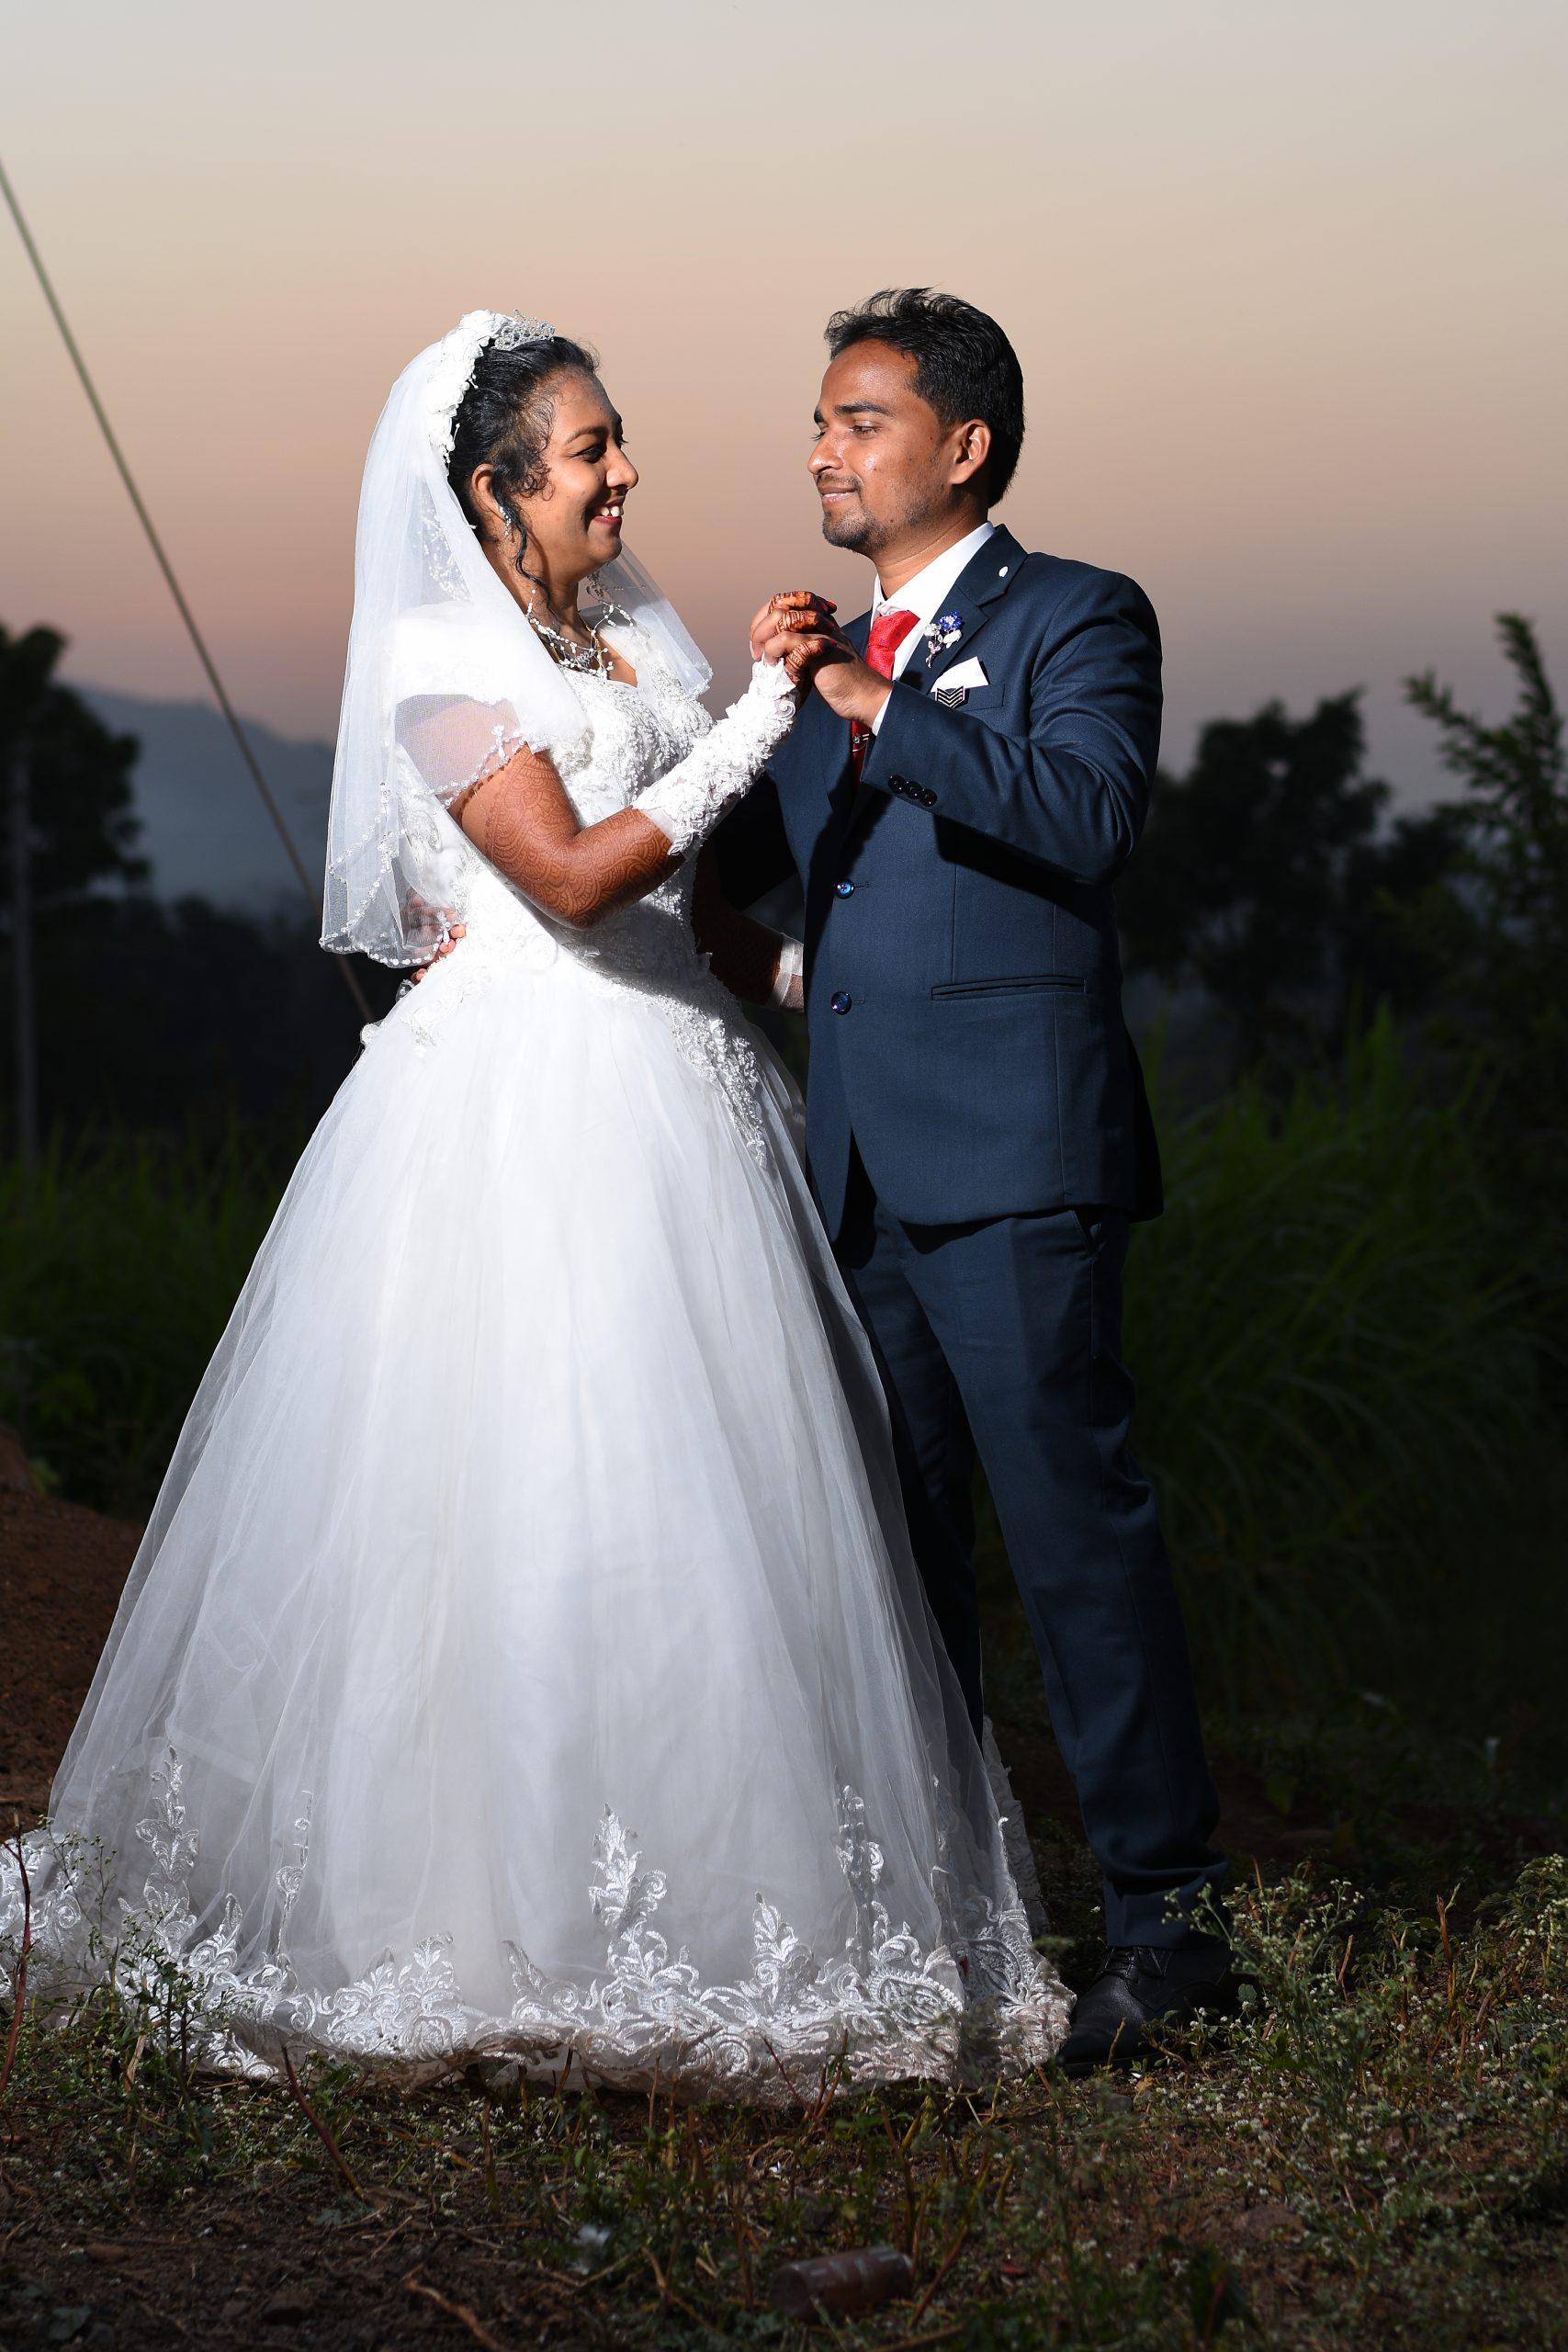 A wedding couple